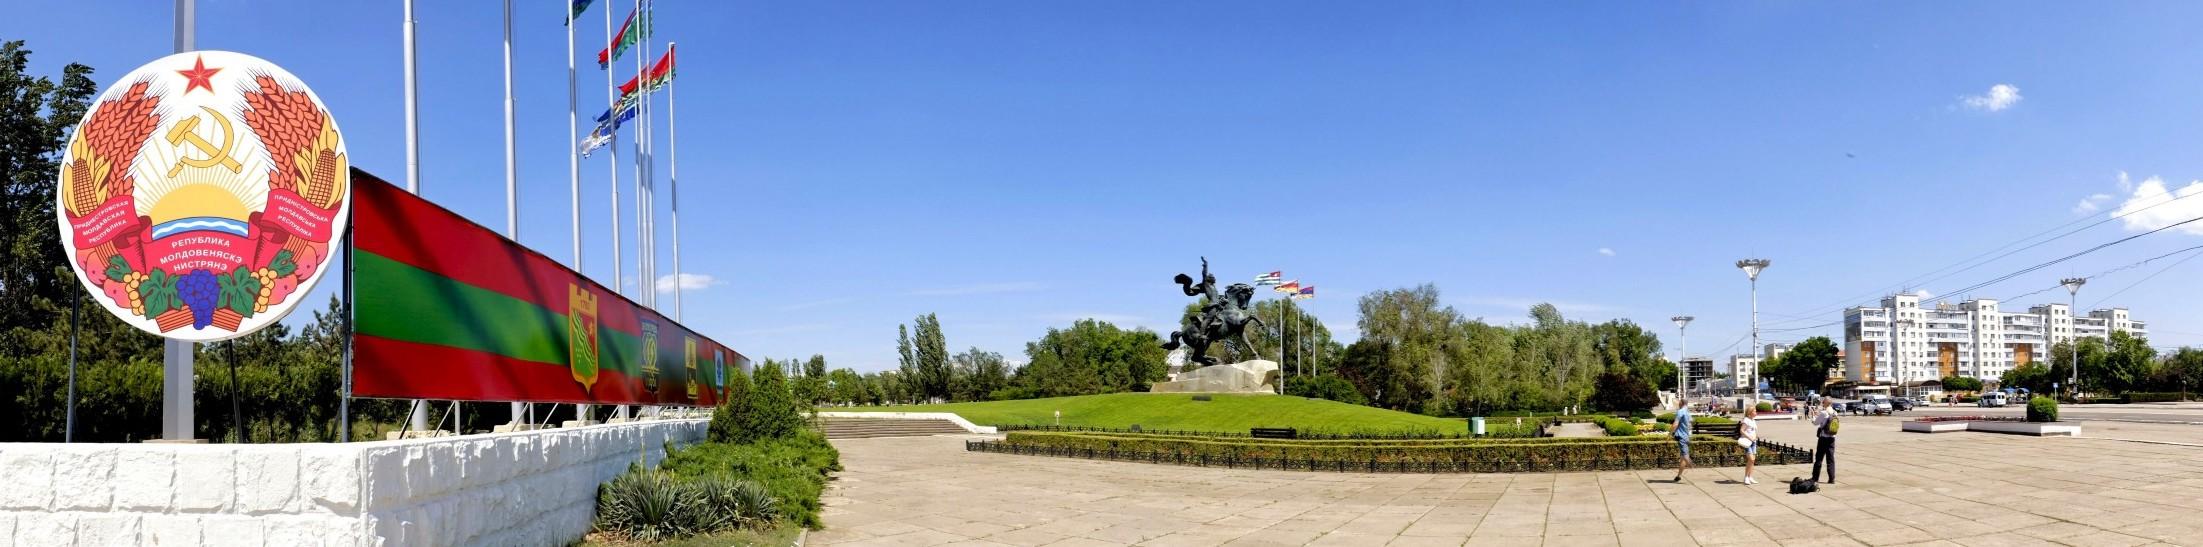 Tyraspol i jego założyciel, generał Suworow